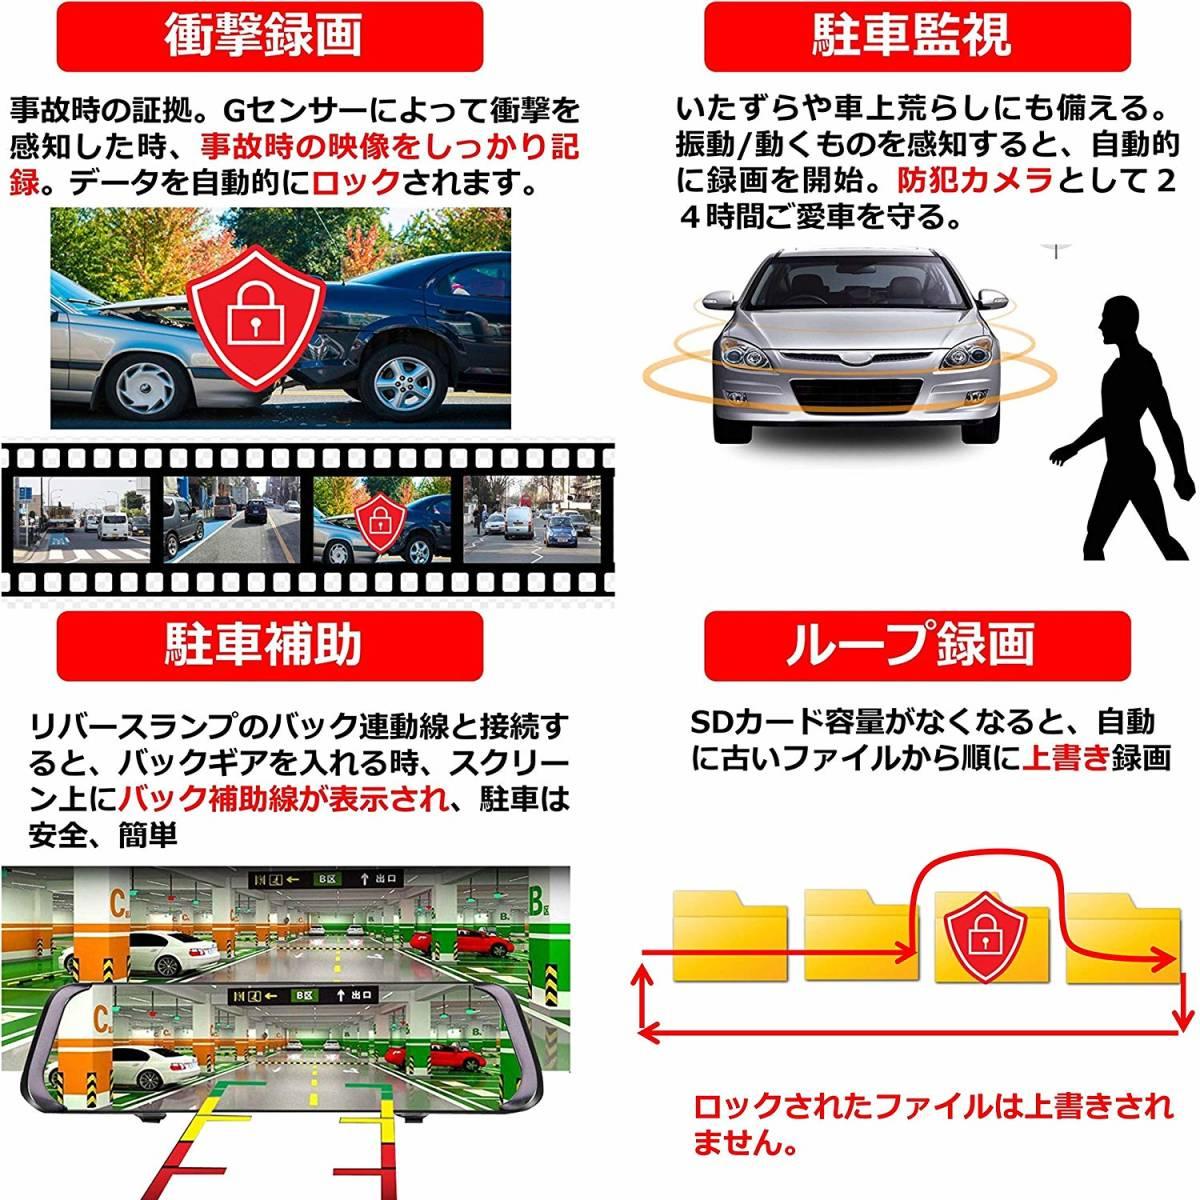 送料無料 32GB SDカード付 ドライブレコーダー G1013 タッチパネル9.66インチ ミラー型 前後カメラ LED信号機対応フルHD 日本製説明書 新品_画像4